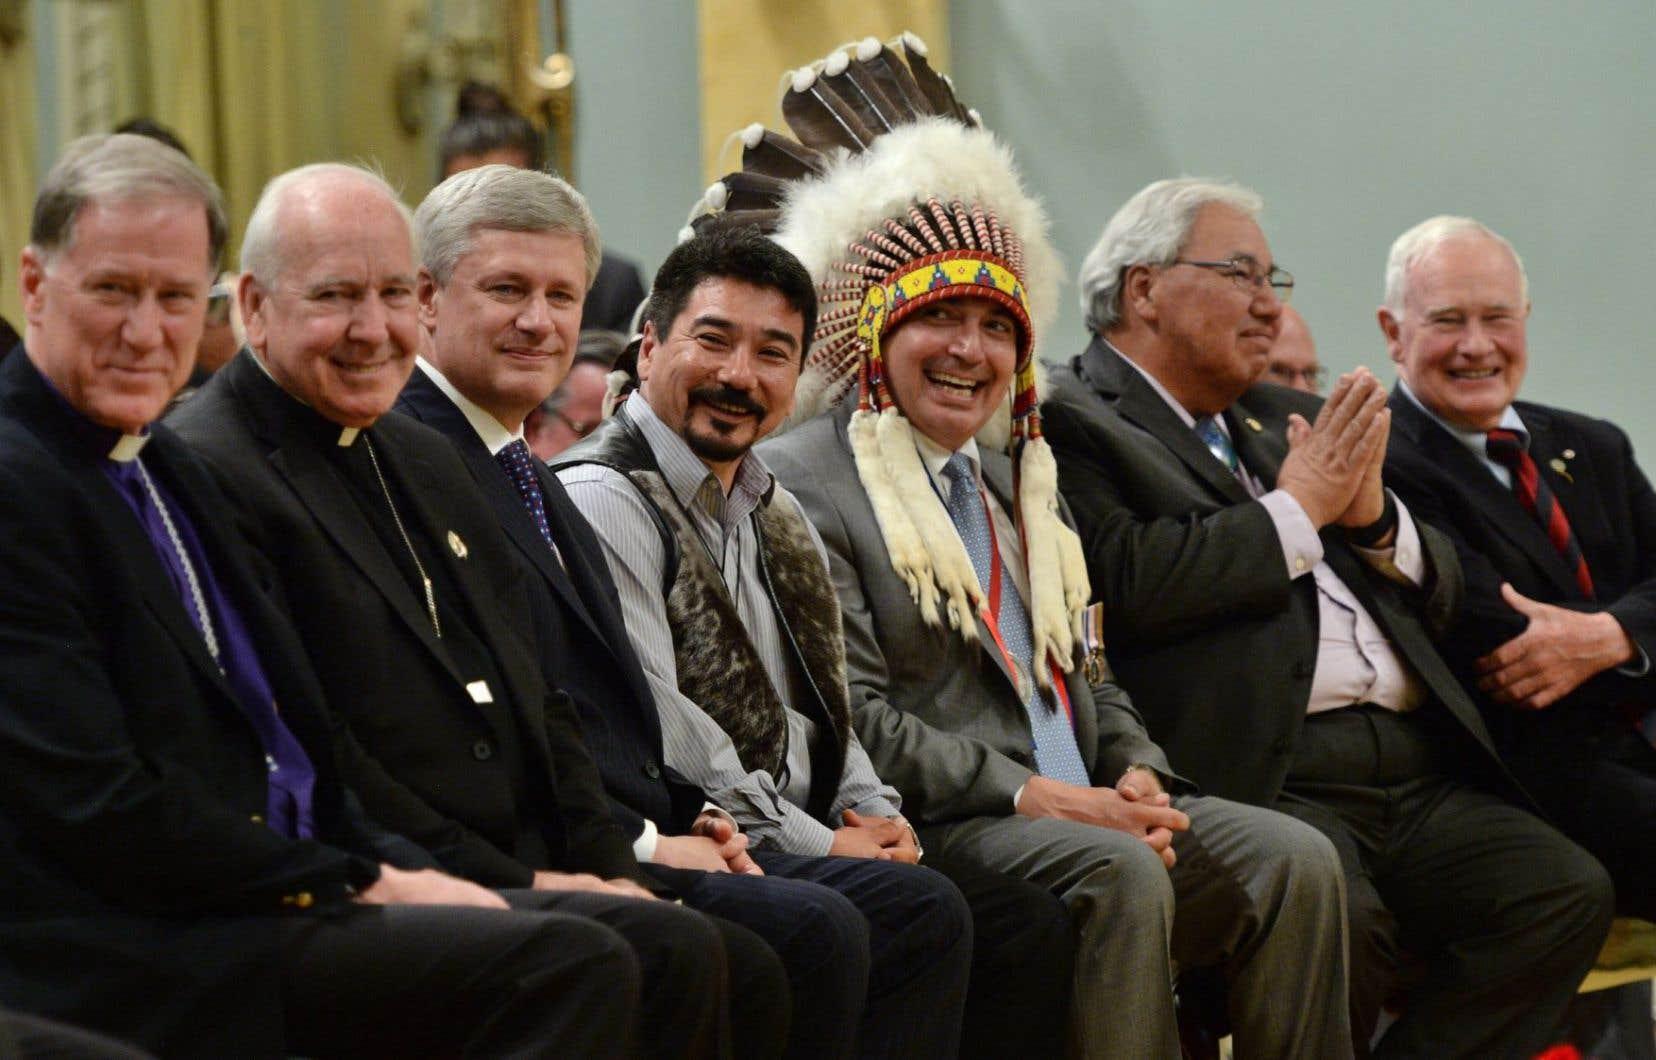 Le juge Murray Sinclair (à droite) mercredi en compagnie de dignitaires lors de la publication du rapport de la Commission de vérité et réconciliation